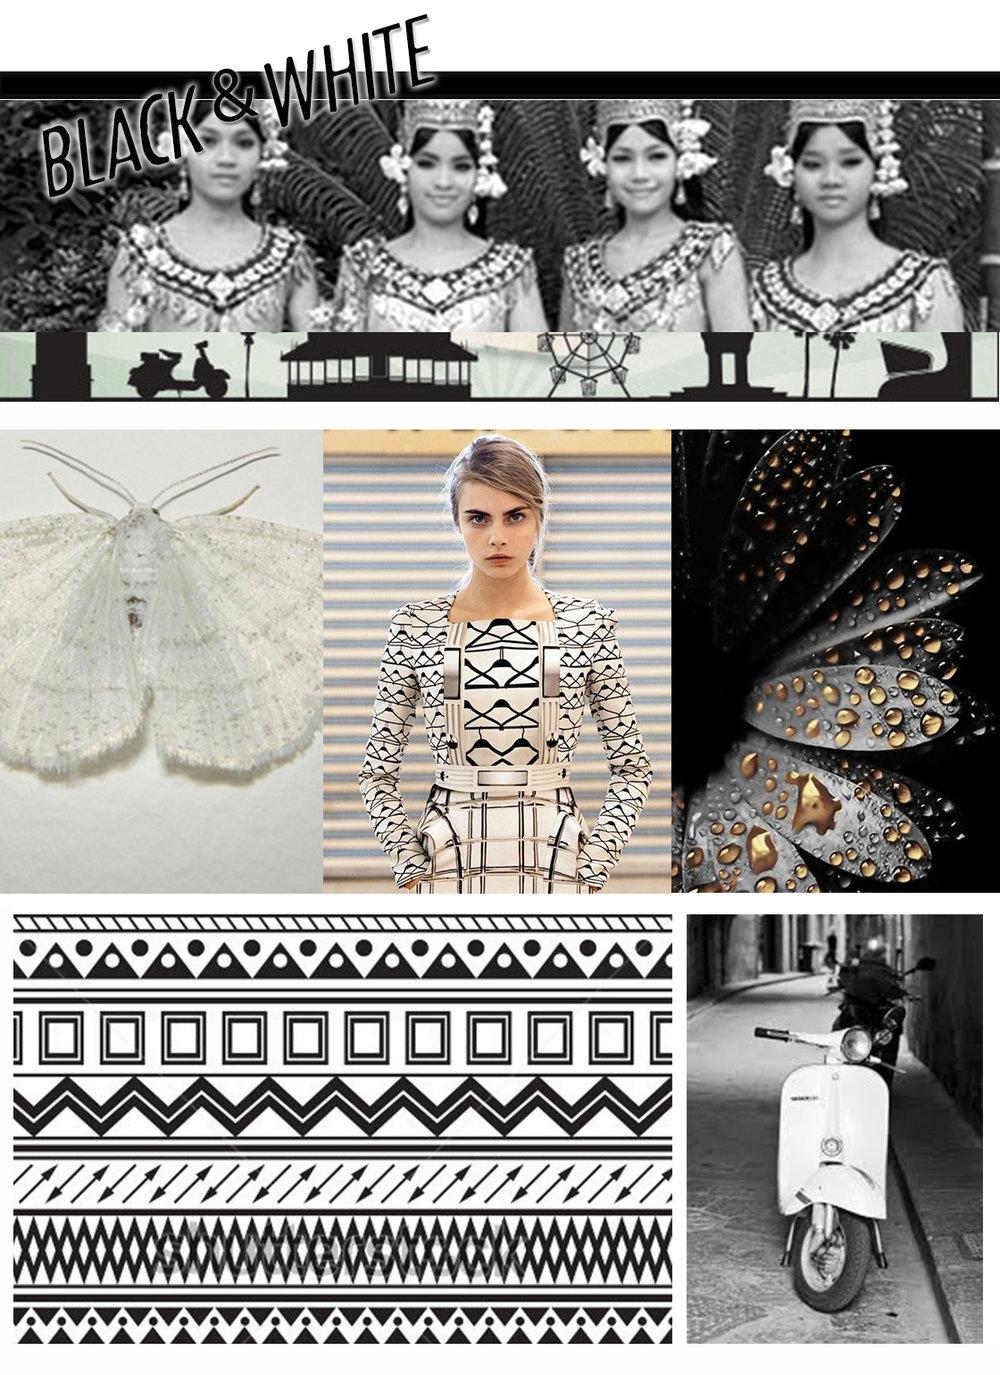 Jessica_Faulkner_Spring_2015_Mood_Board_Black_White.jpg